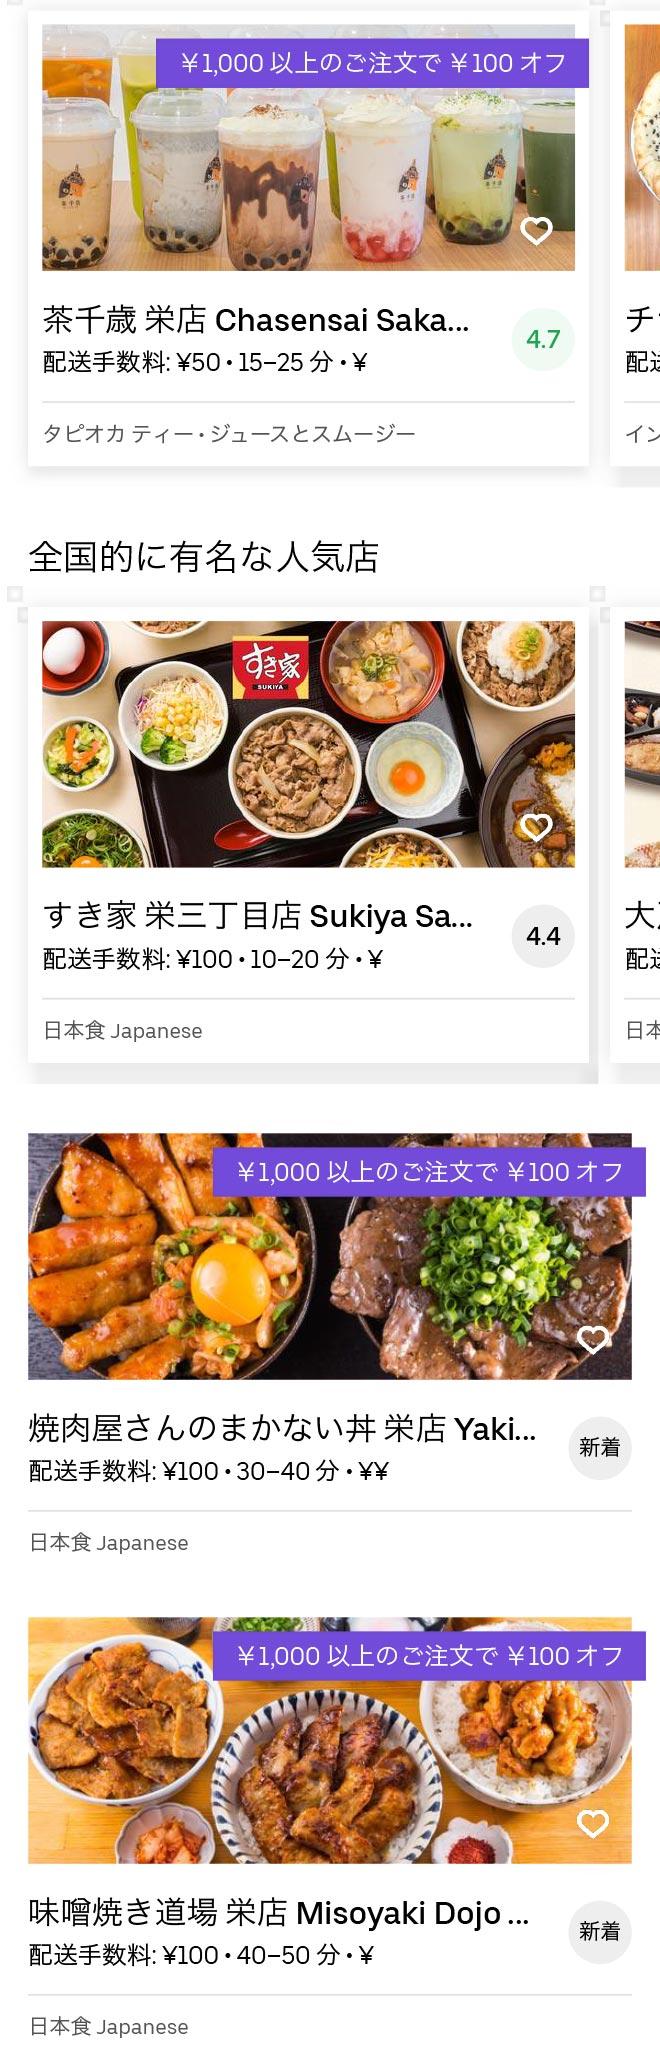 Nagoya sakae menu 2005 01